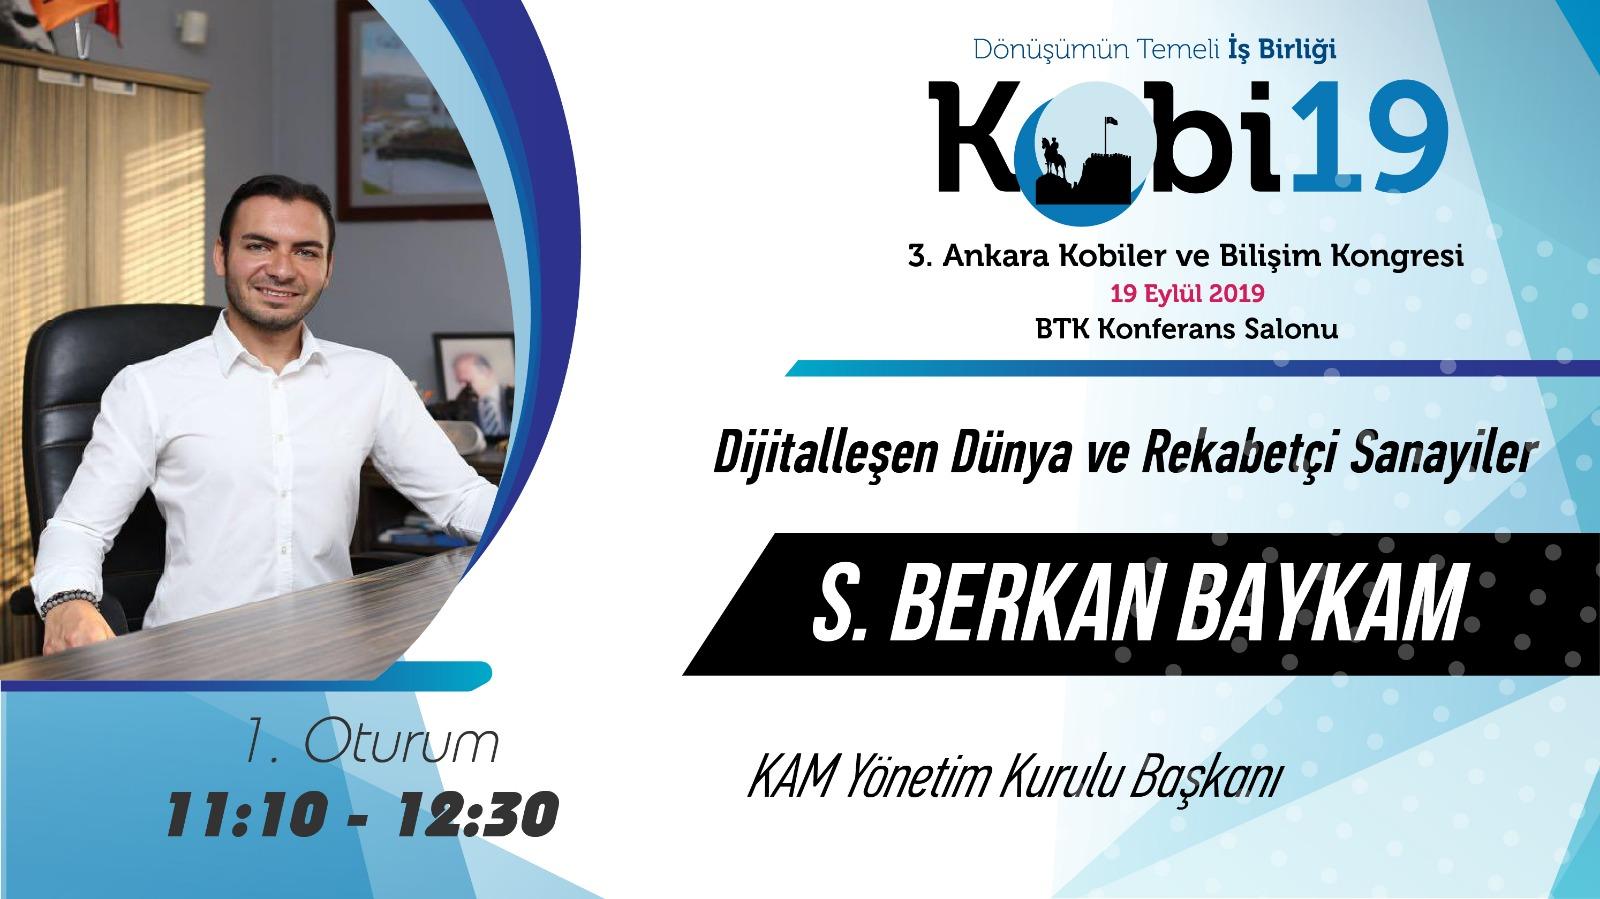 S. Berkan Baykam - 3. Ankara Kobi Bilişim 2019